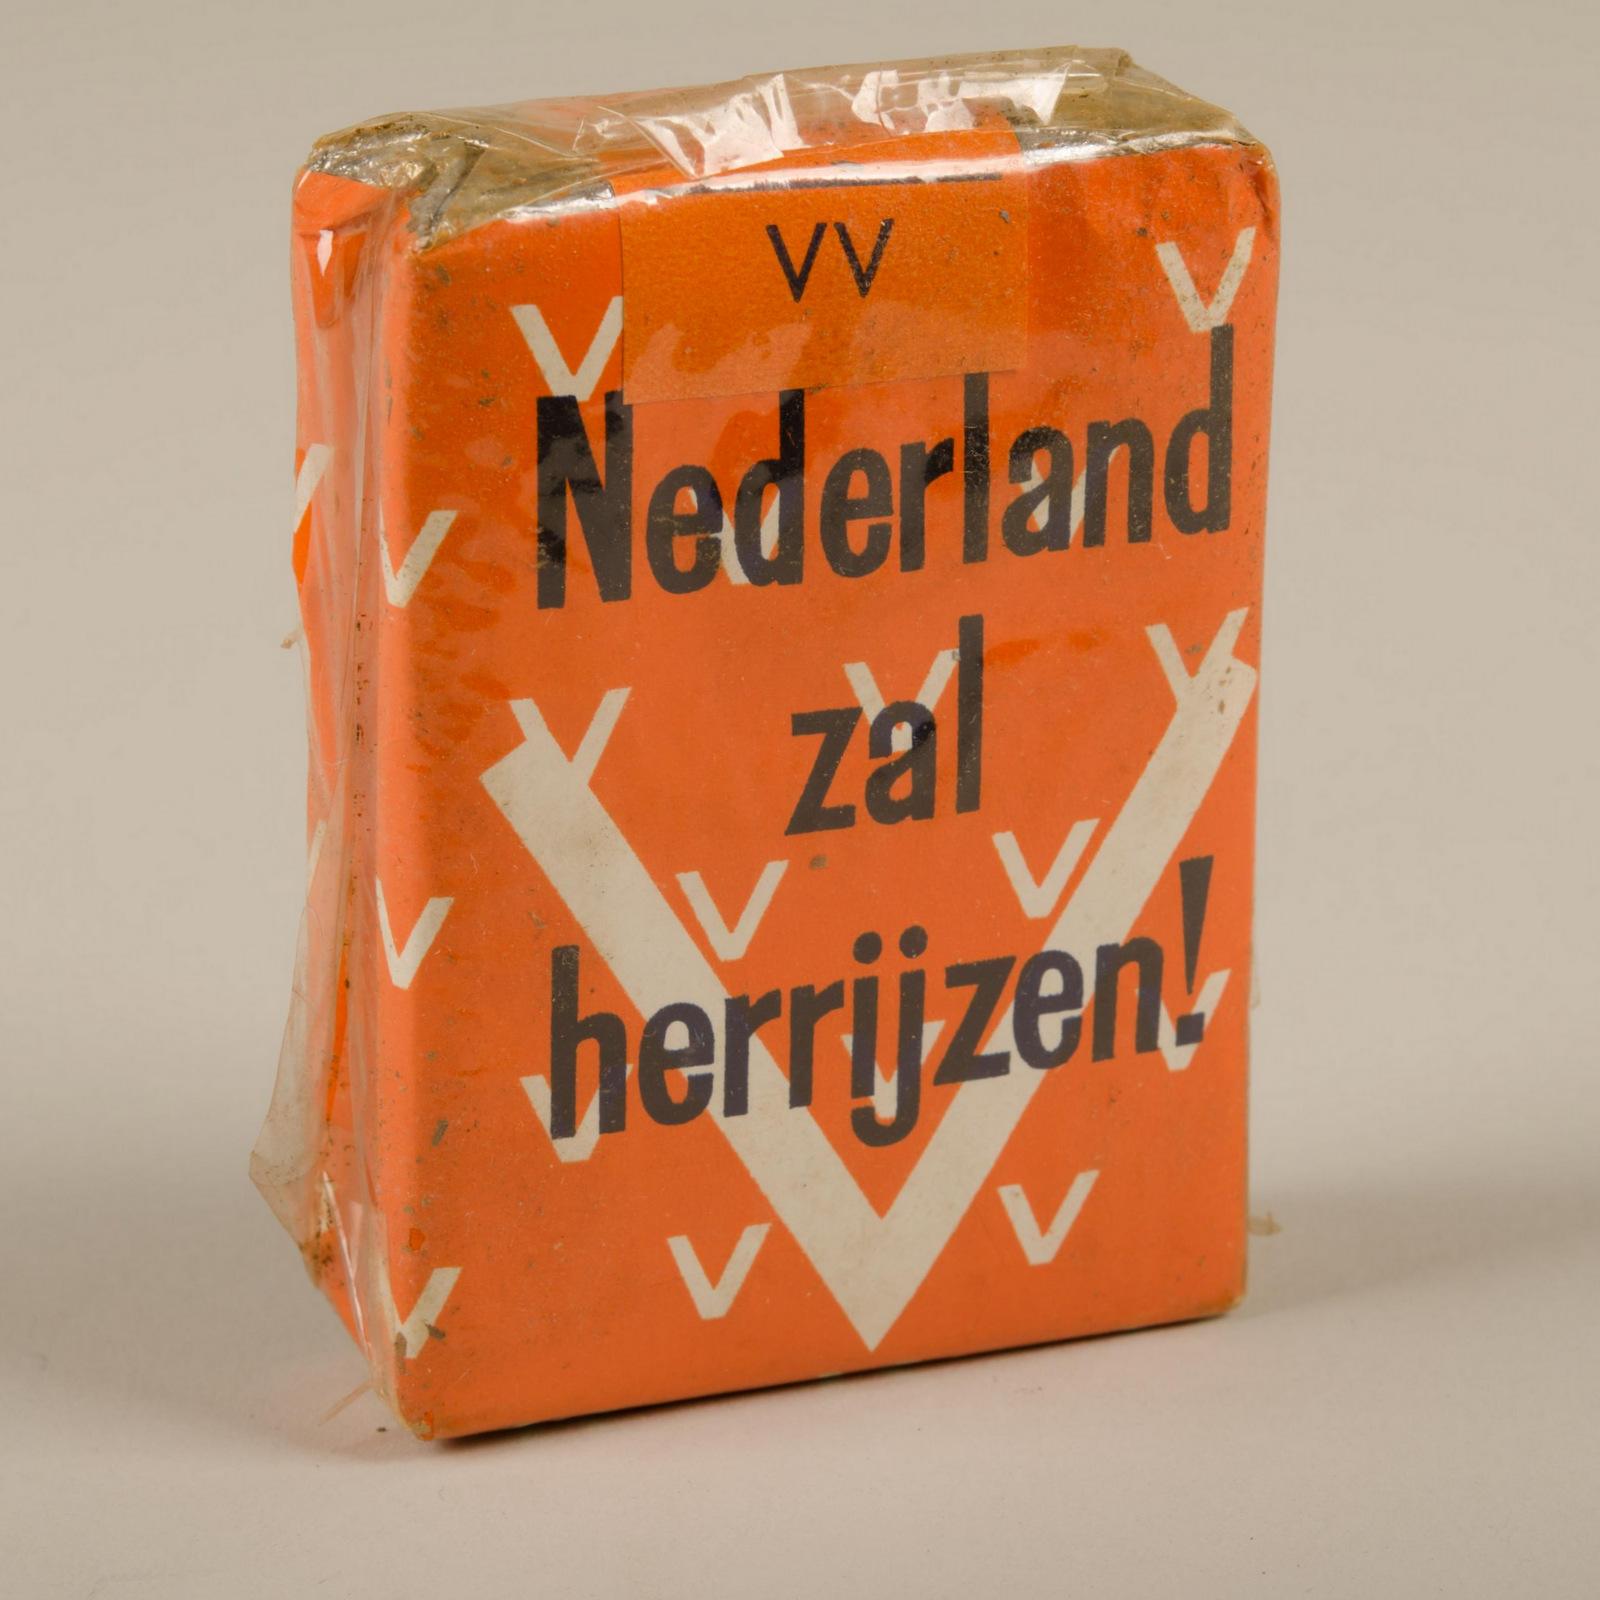 Nederland zal herrijzen!